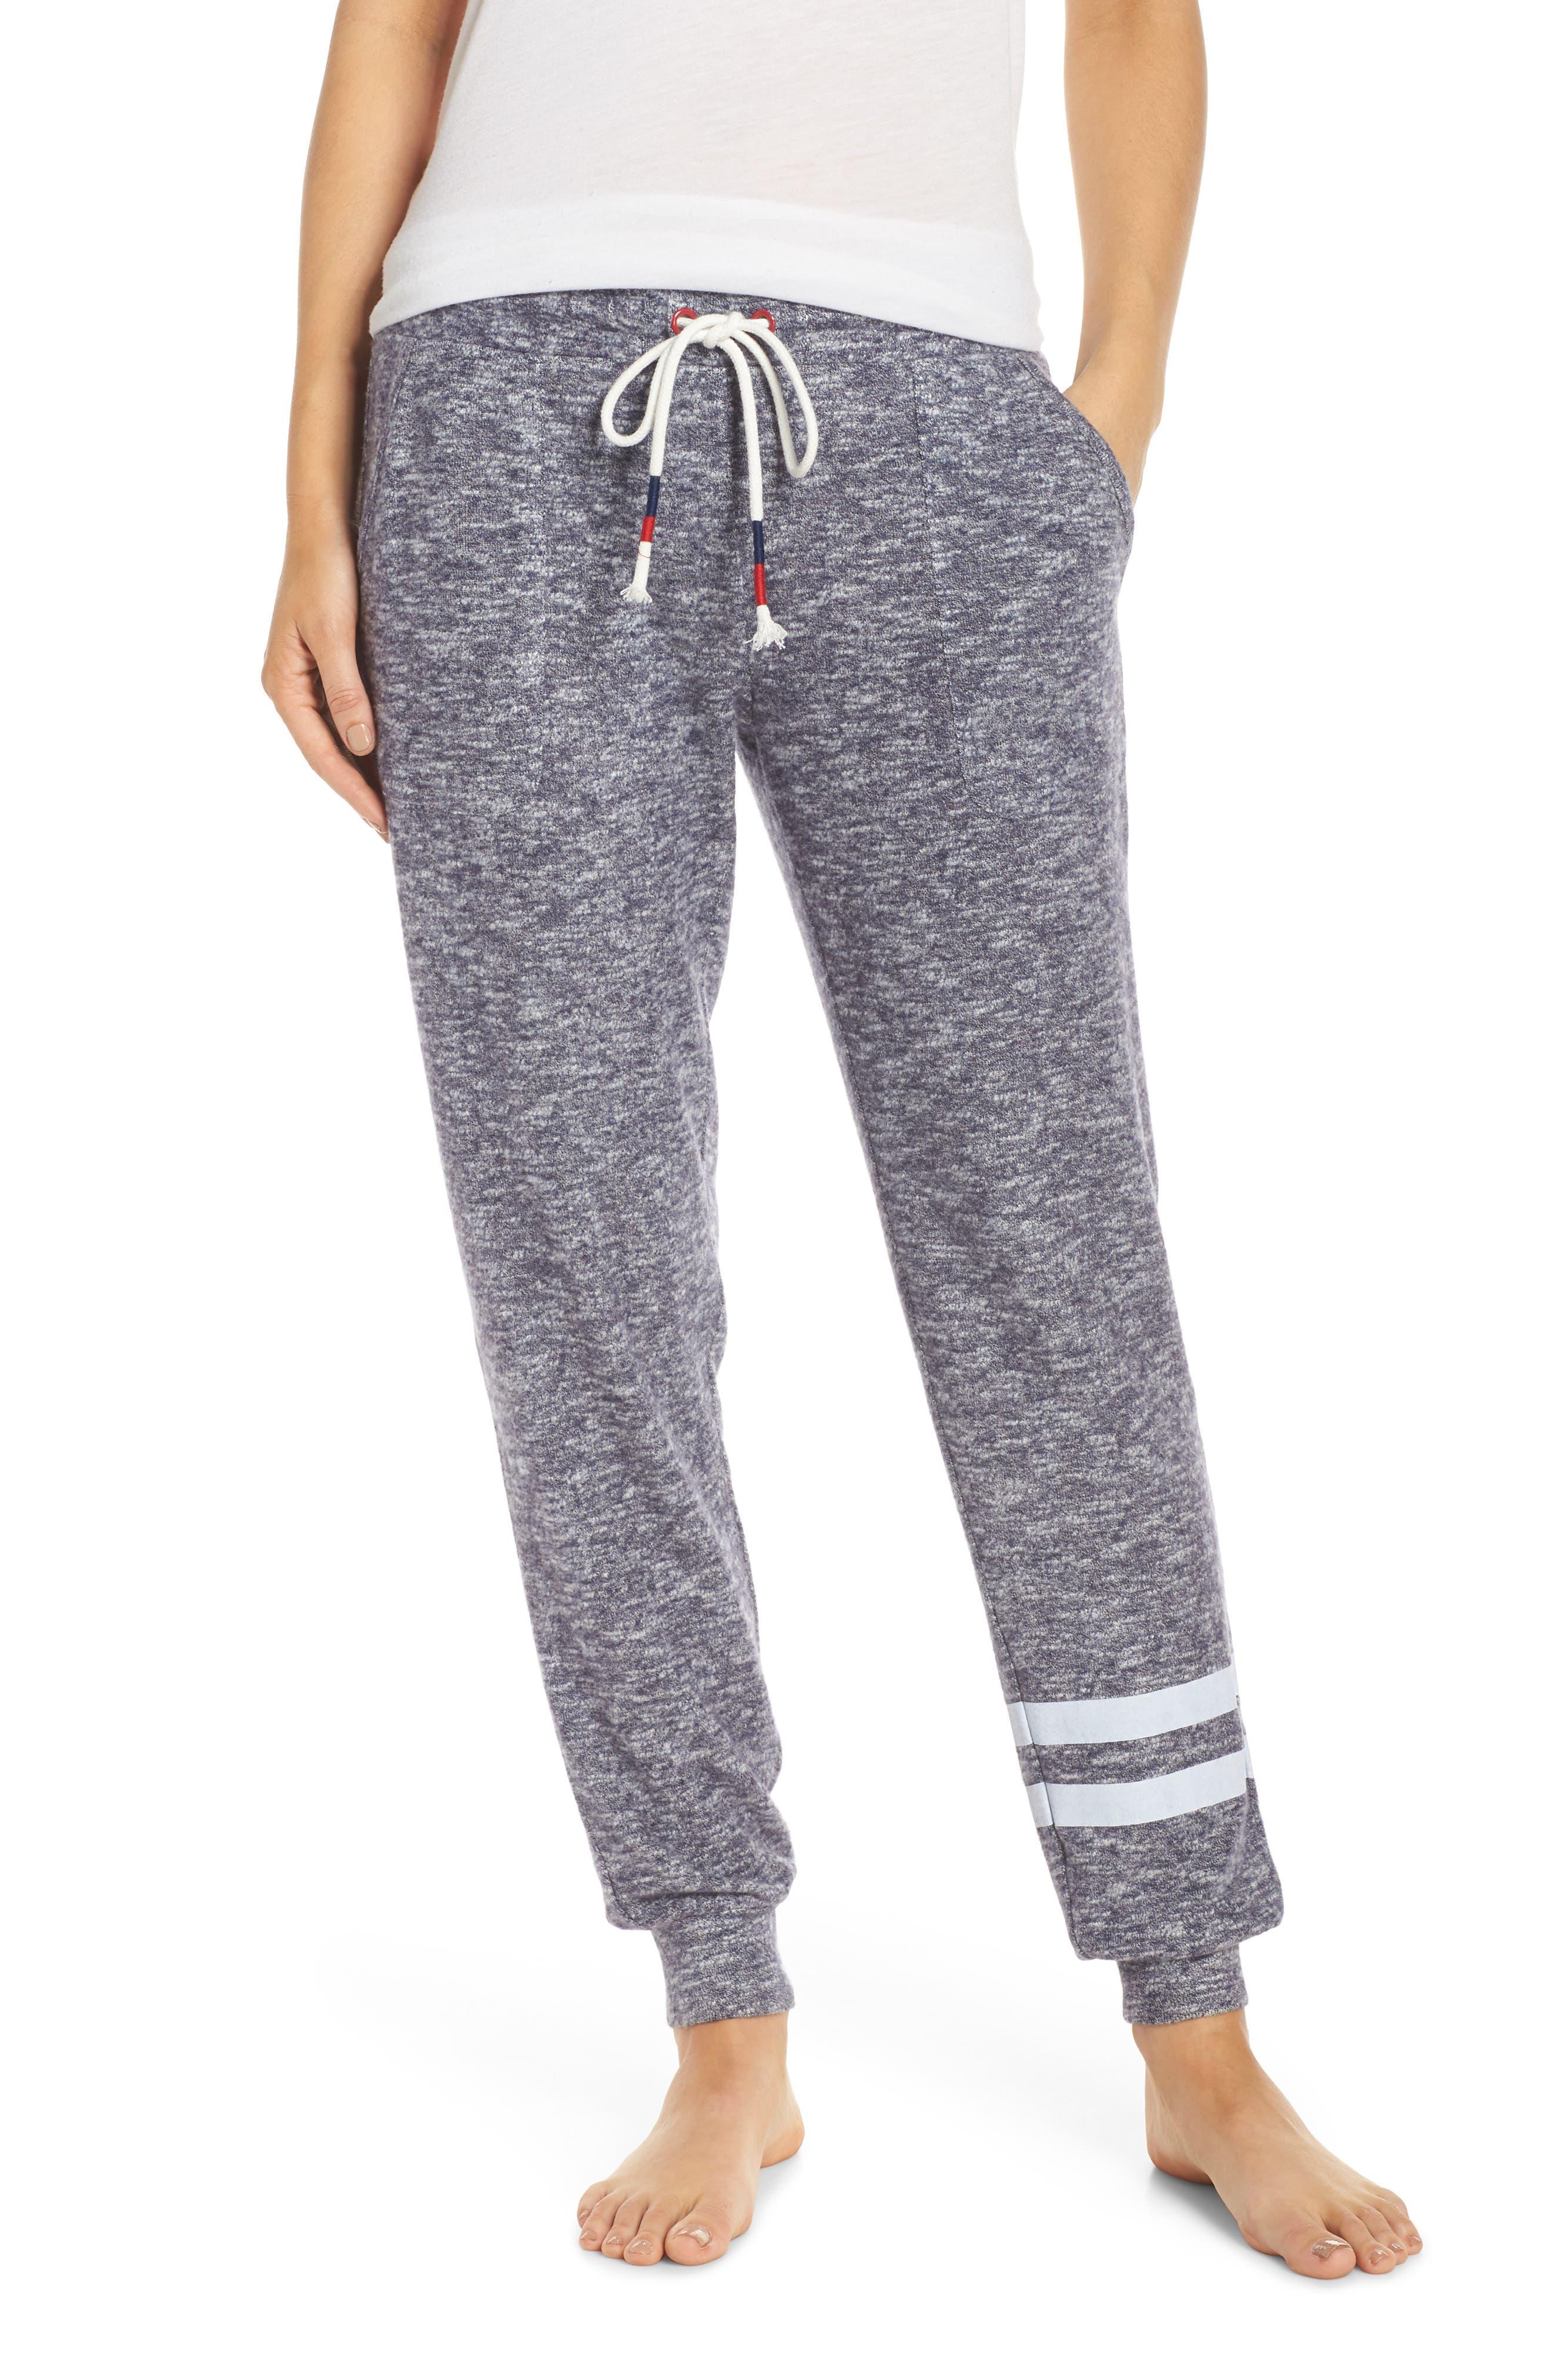 PJ SALVAGE Mon Cheri Sweatpants, Main, color, NAVY